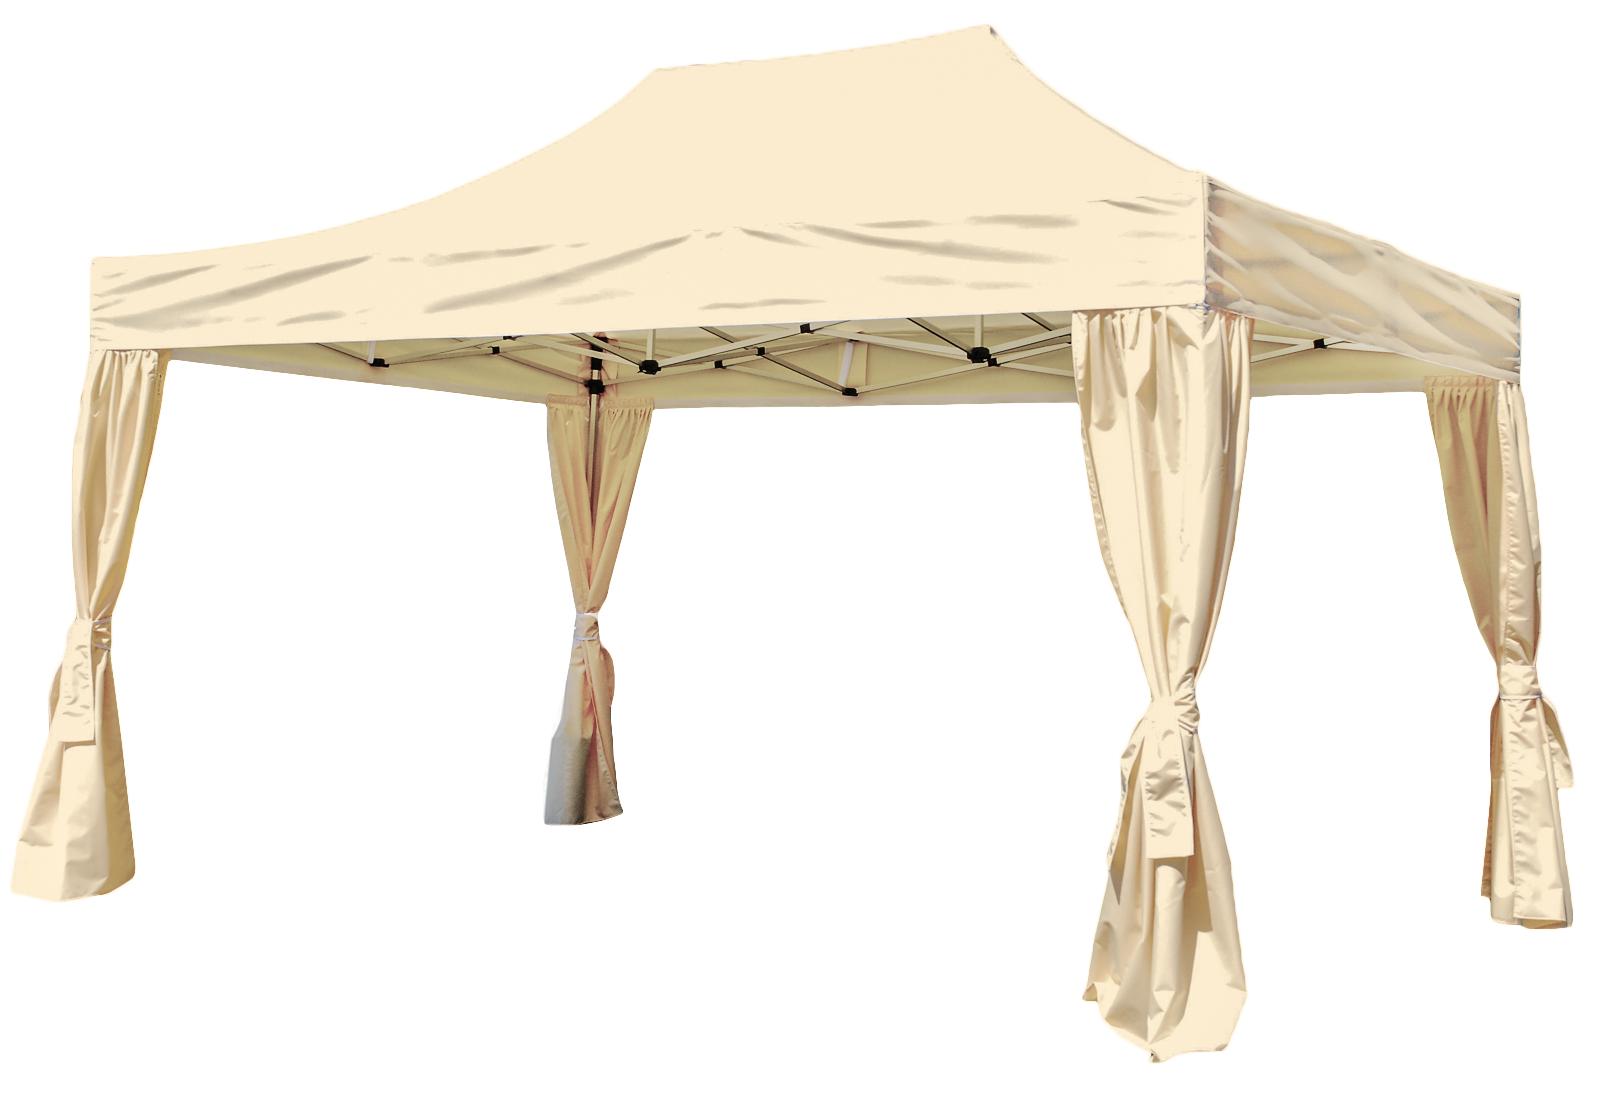 namioty bankietowe, namiot bankietowy, namioty weselne, namiot weselny, namioty imprezowe, namiot na impreze, namiot imprezowy